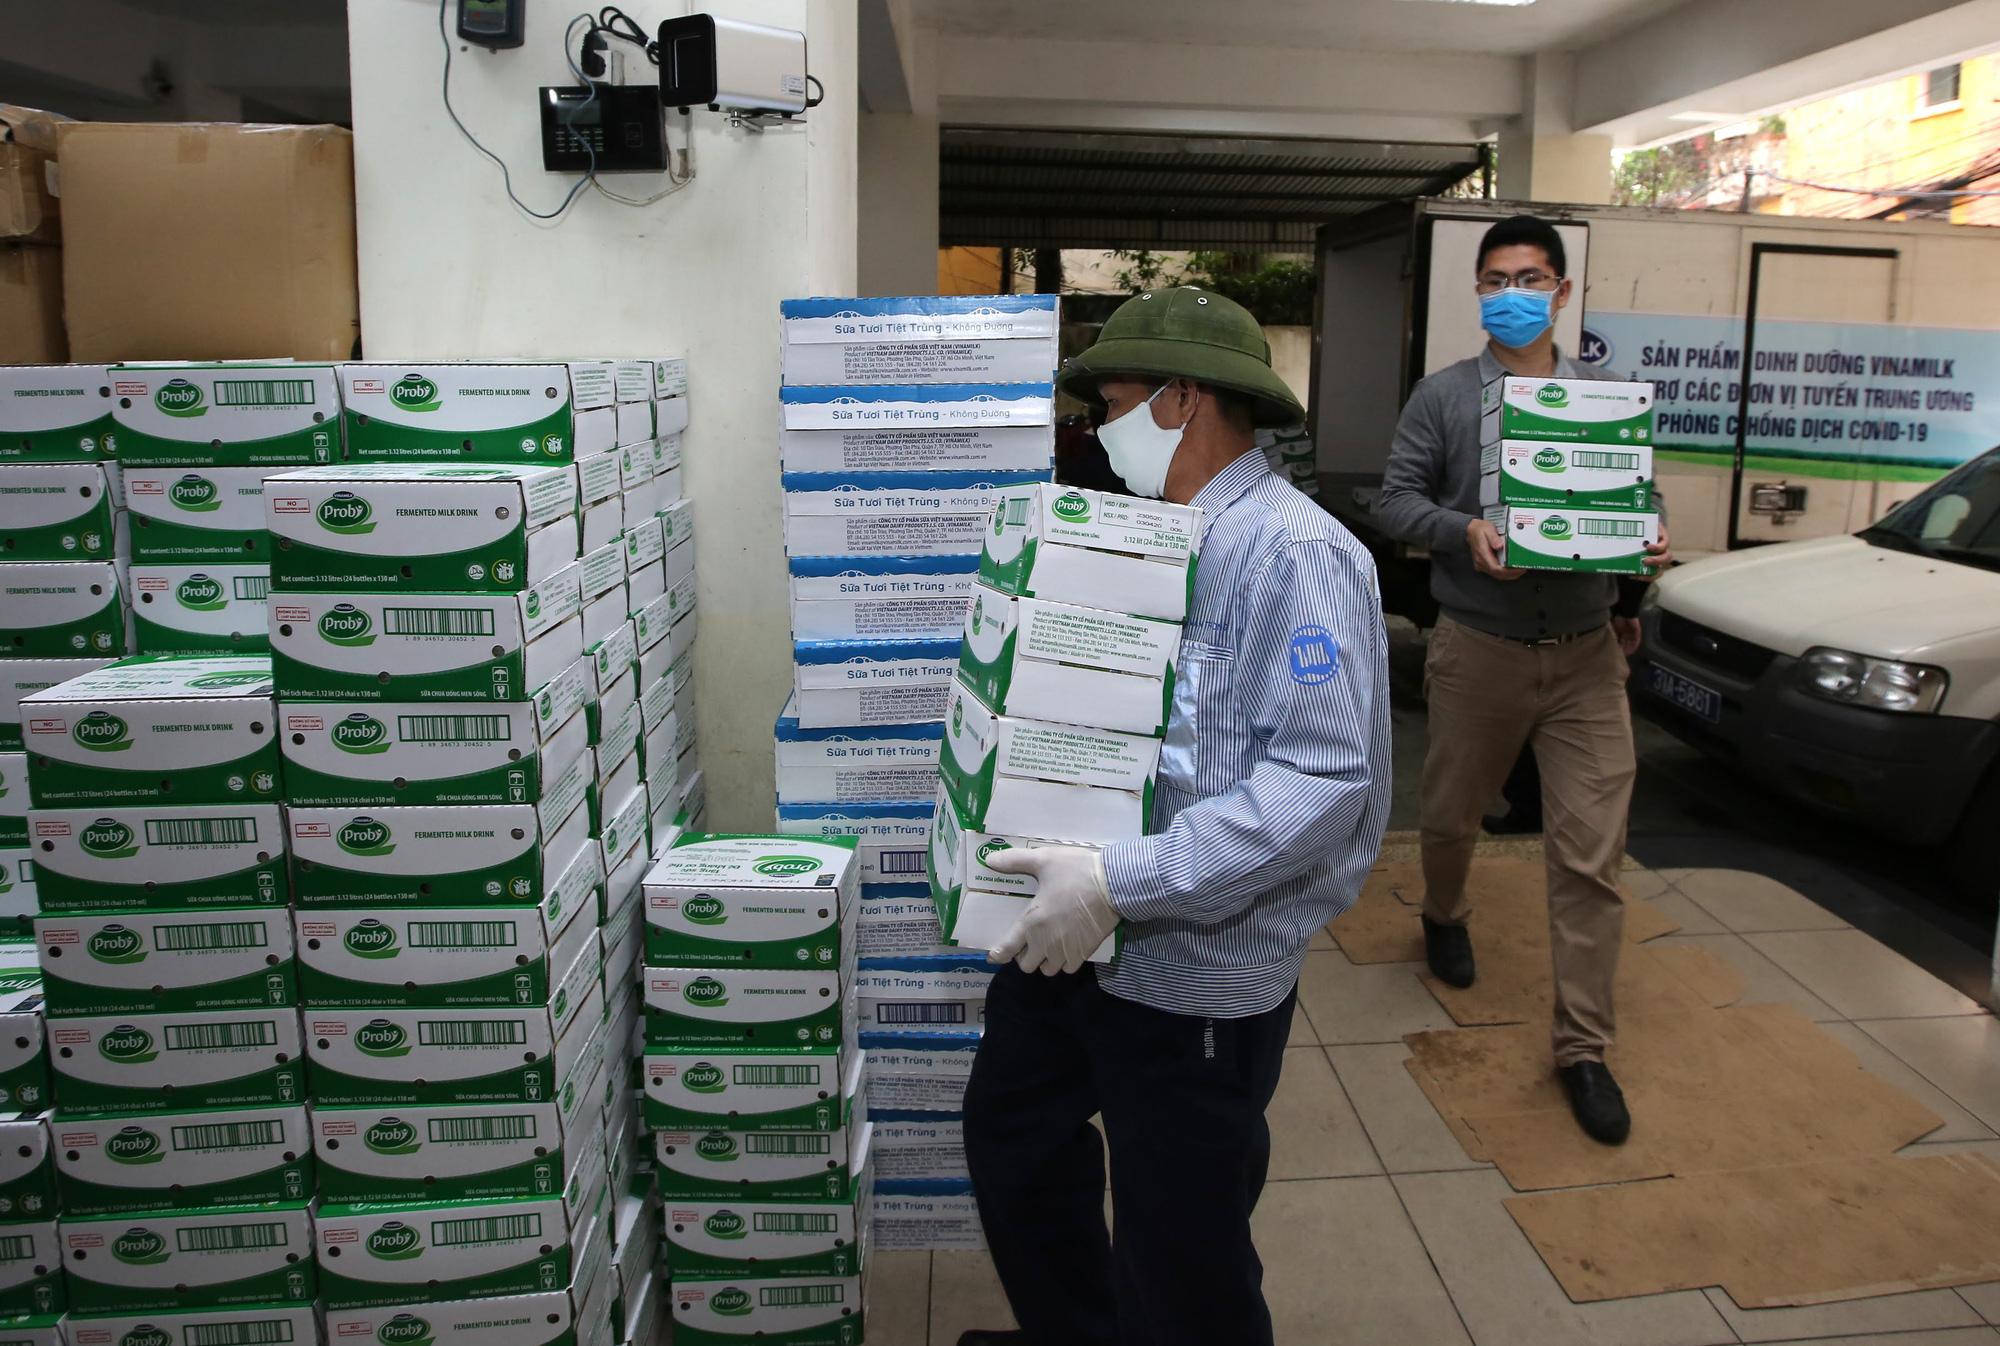 Vinamilk ủng hộ 8 tỷ đồng cho Hà Nội và 3 tỉnh miền Trung chống dịch Covid-19 - Ảnh 3.